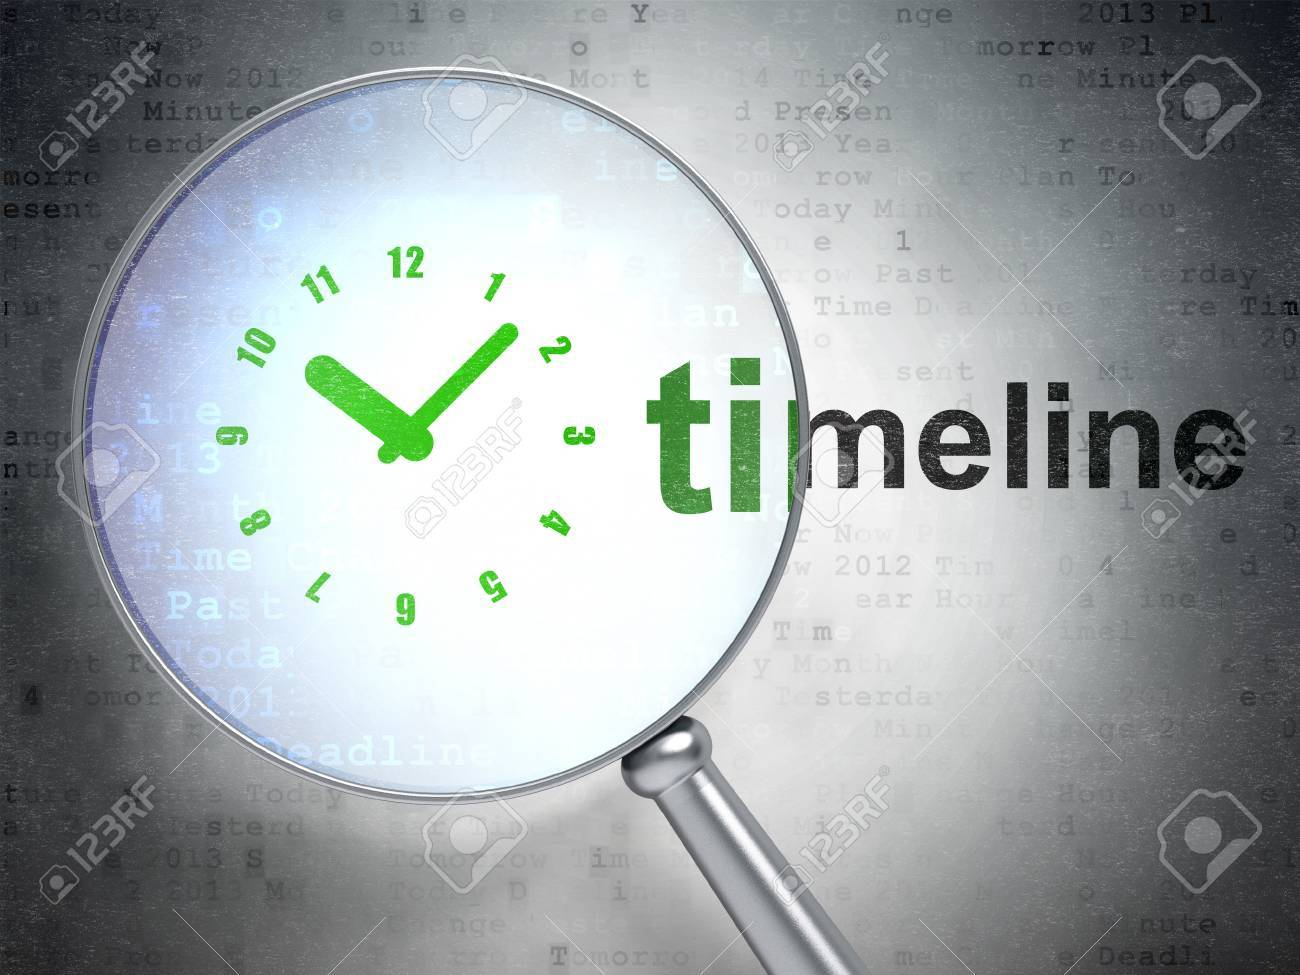 Con Sobre Icono De Digital3d TiempoLupa Palabra Reloj Cronograma Fondo Óptica El Del Y Concepto 0kXN8wOPn